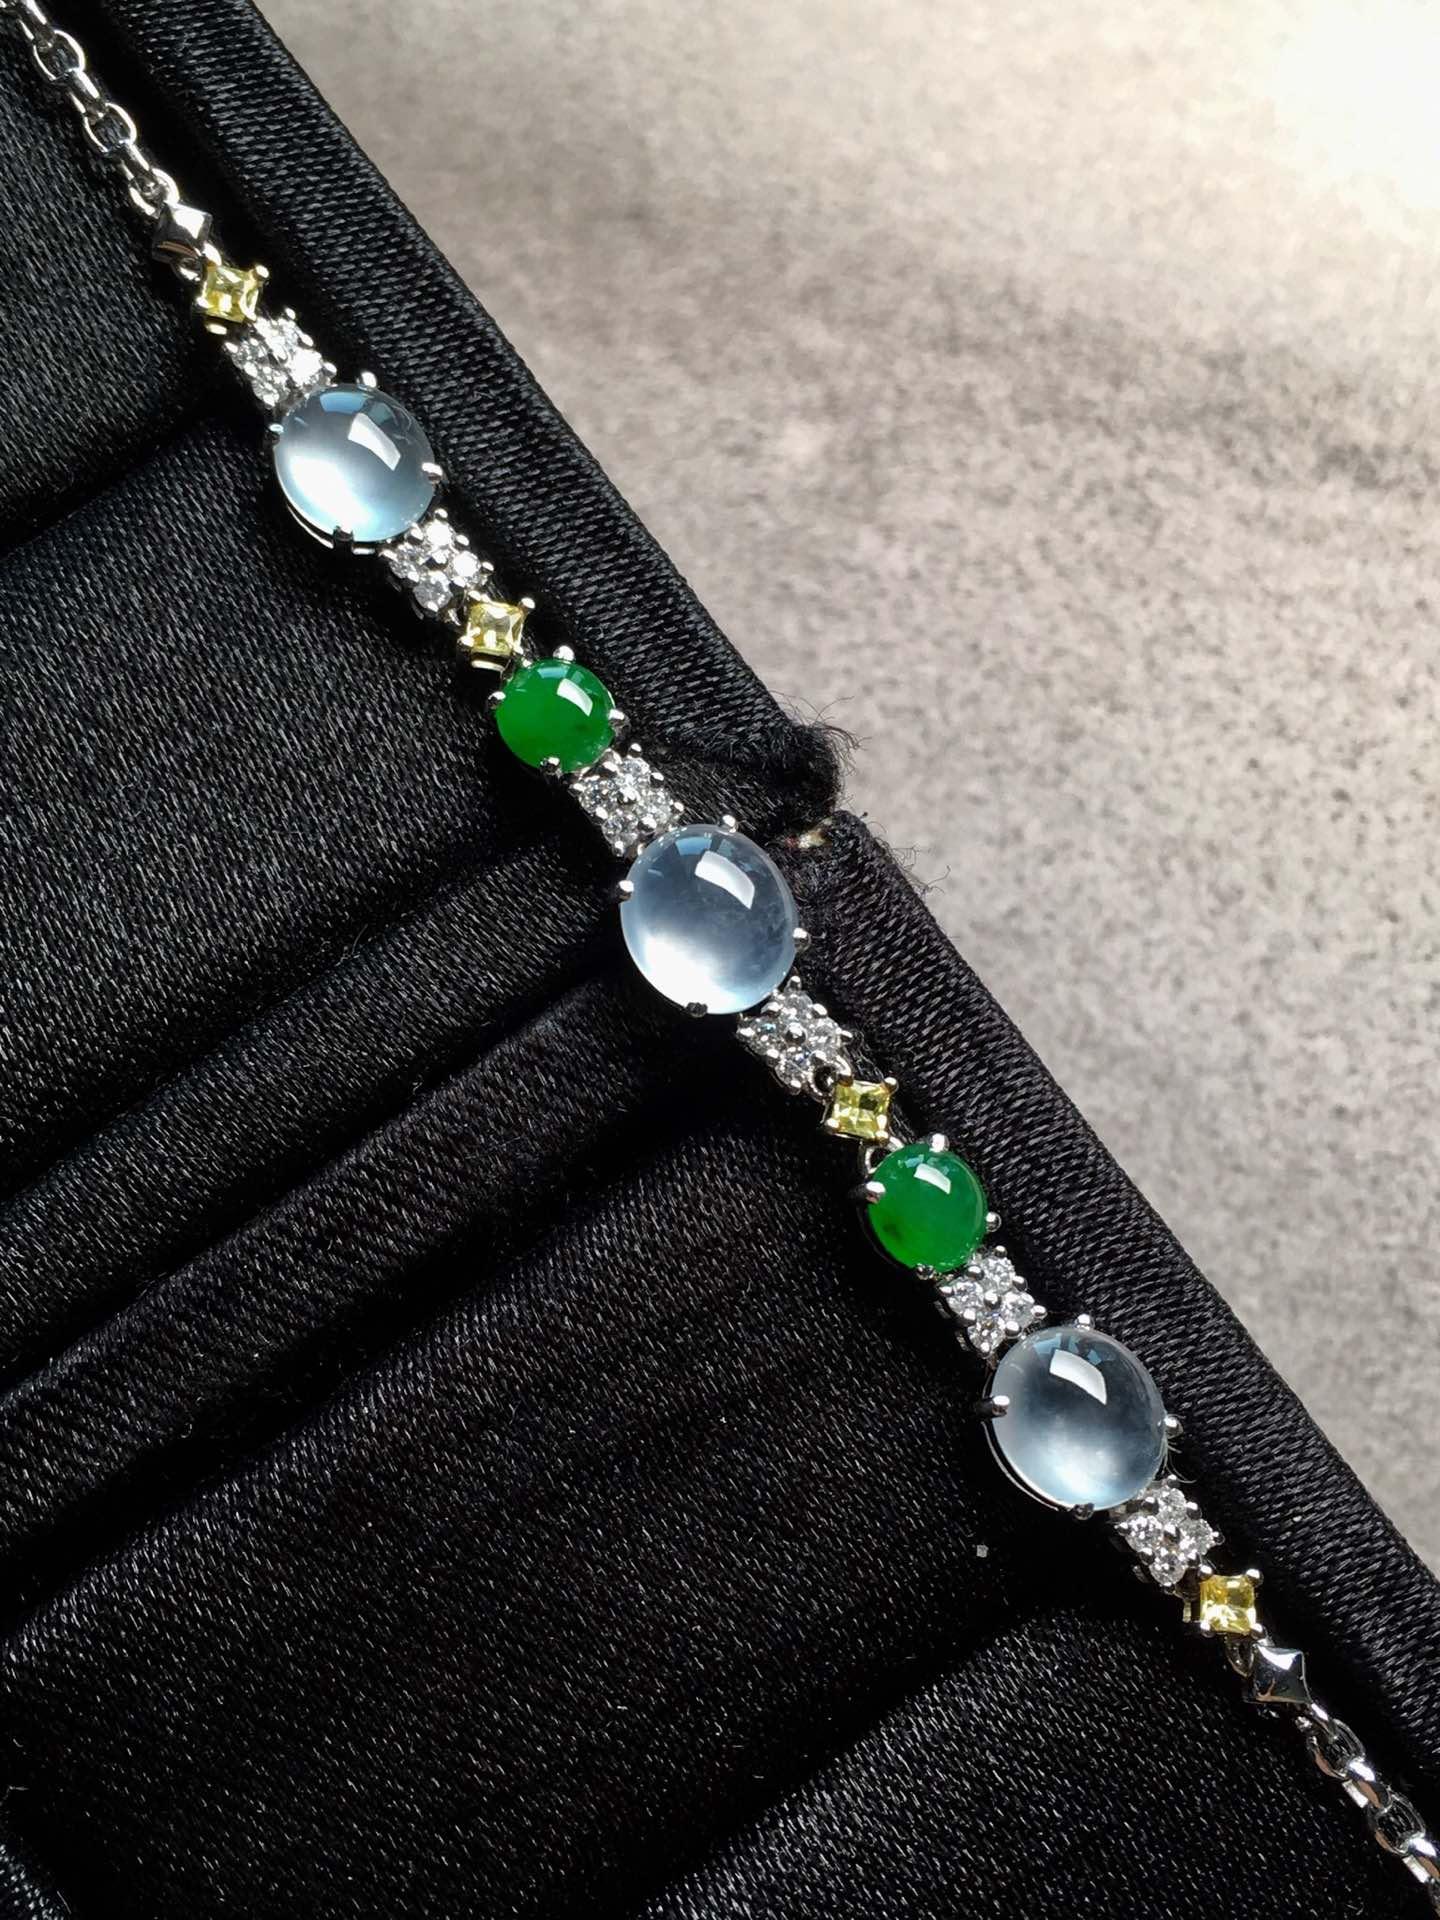 特惠高冰纯净阳绿起胶手链裸石尺寸6.8/6.1/3.2mm,4.5/4.2/2.5mm